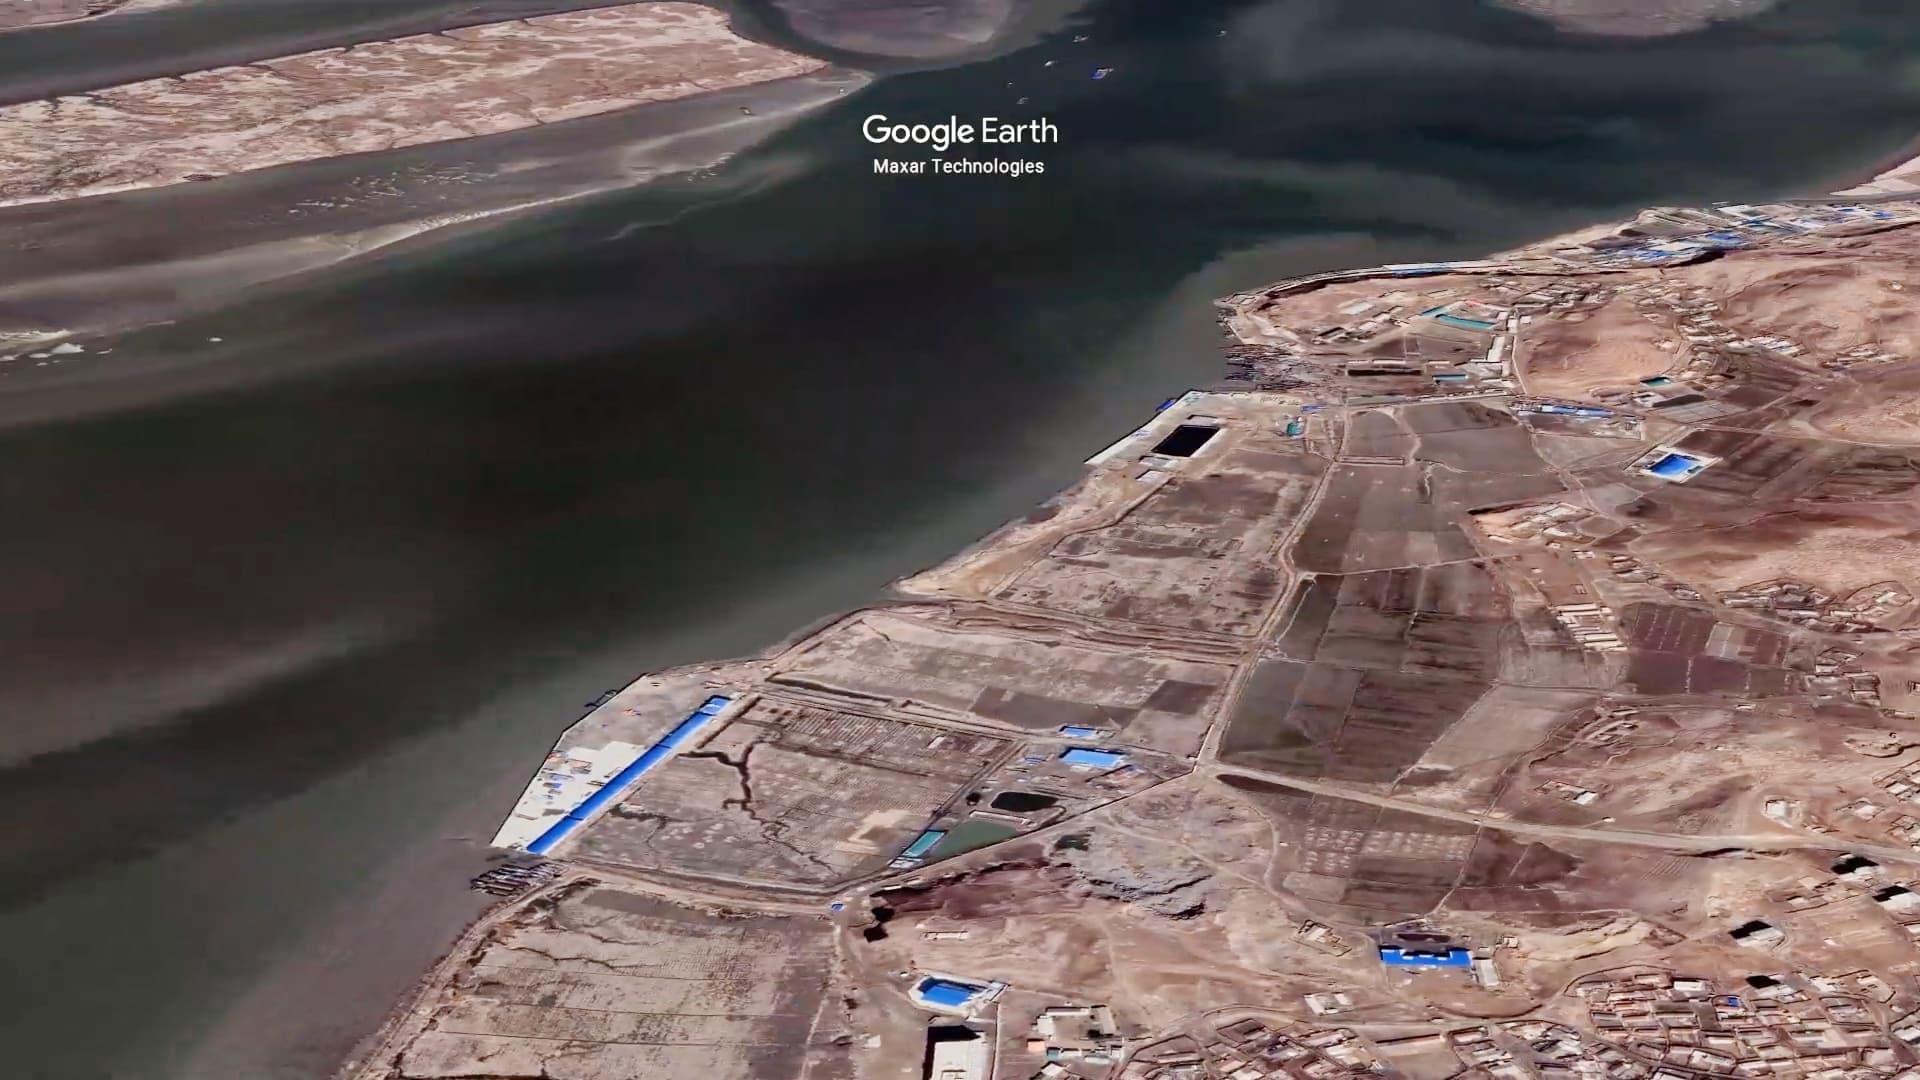 Katso satelliittikuvista, miten erakkovaltioon keplotellaan salaa apua Kiinasta